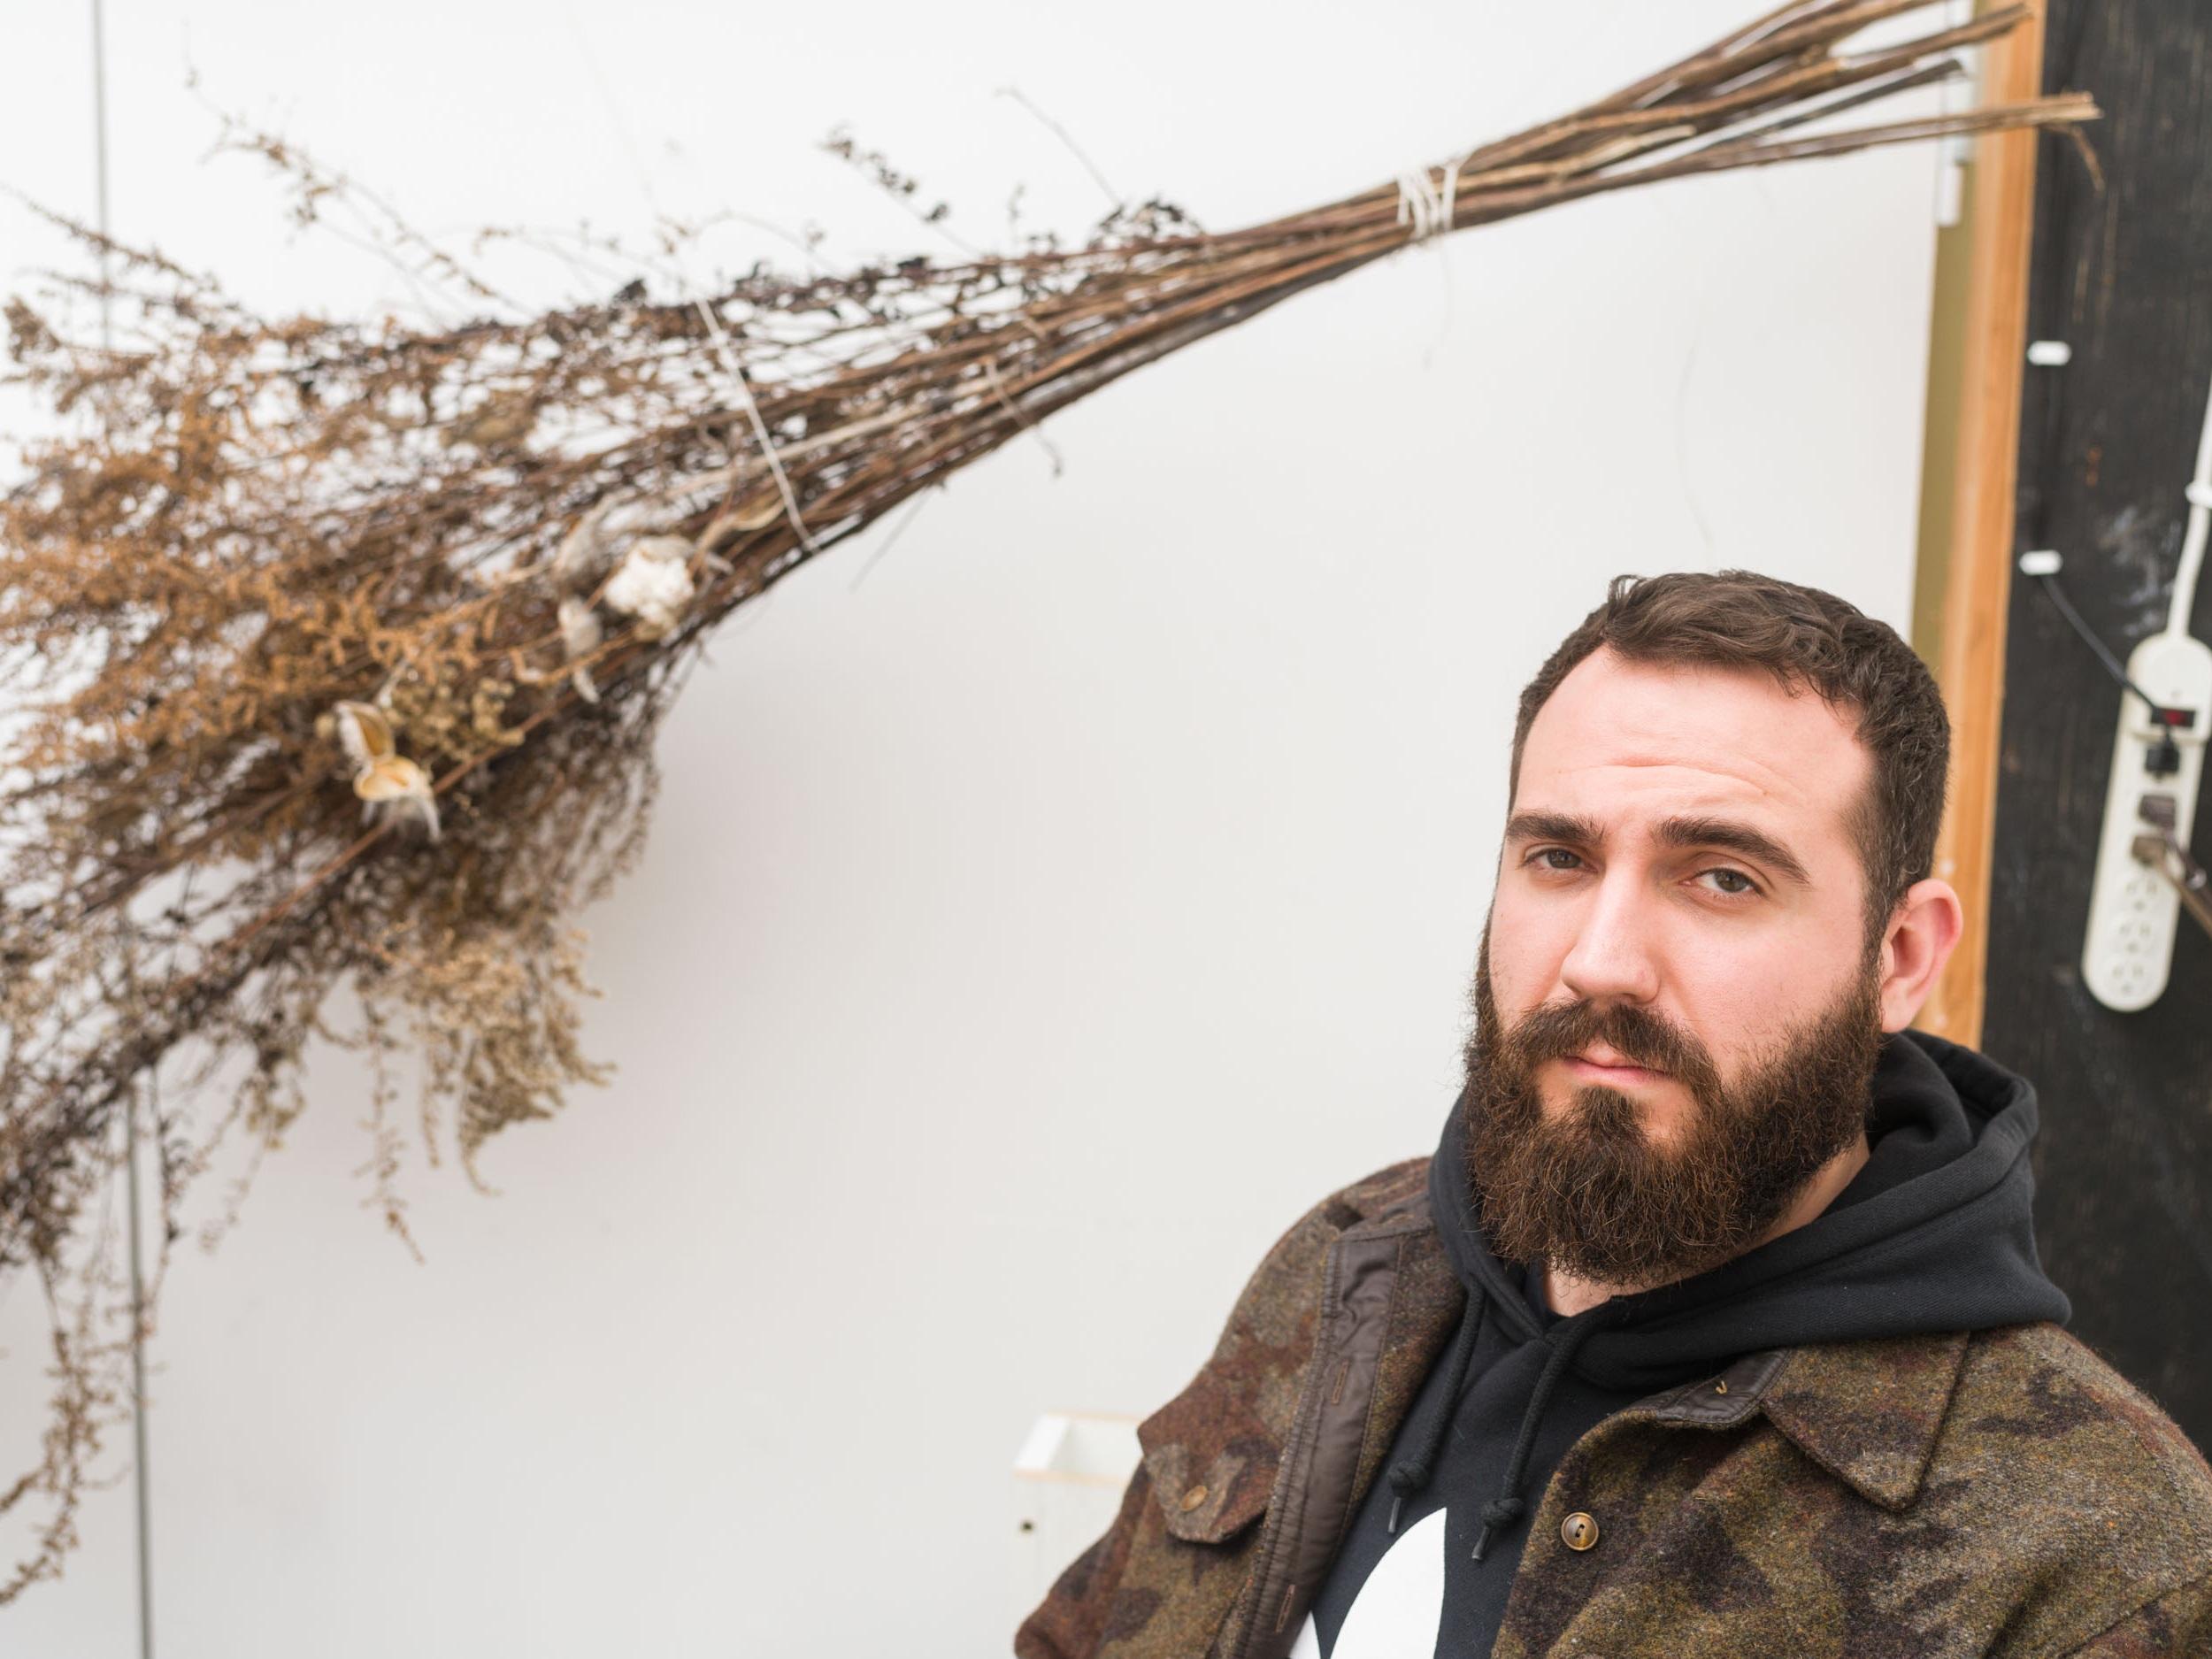 WILLIAM LENARD - Artist-in-Residence